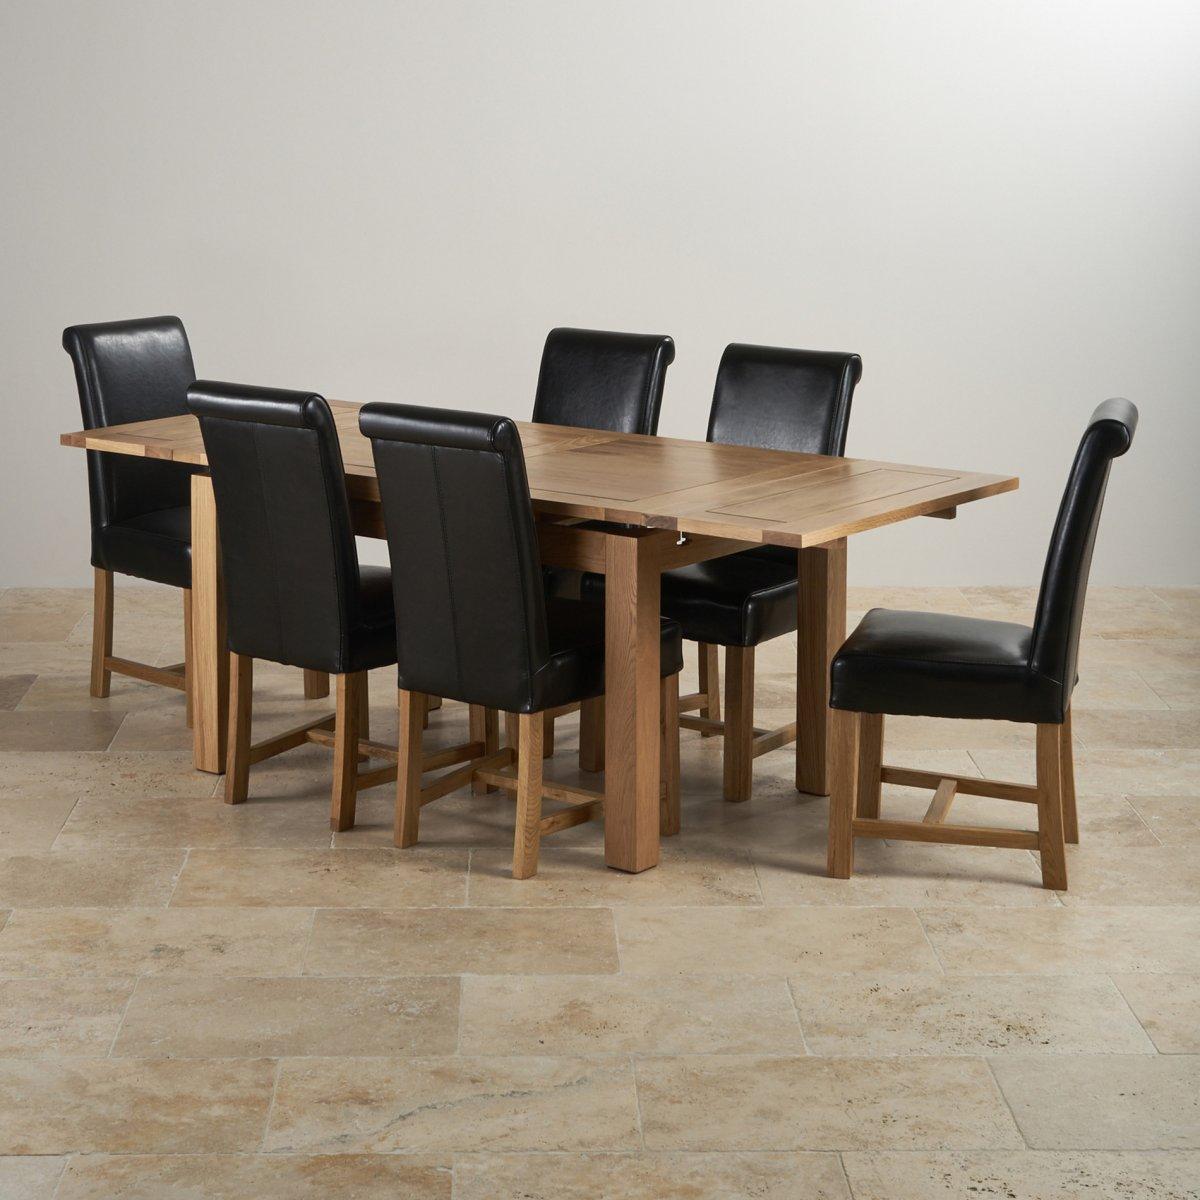 Dorset 4ft 7 Extending Oak Dining Table